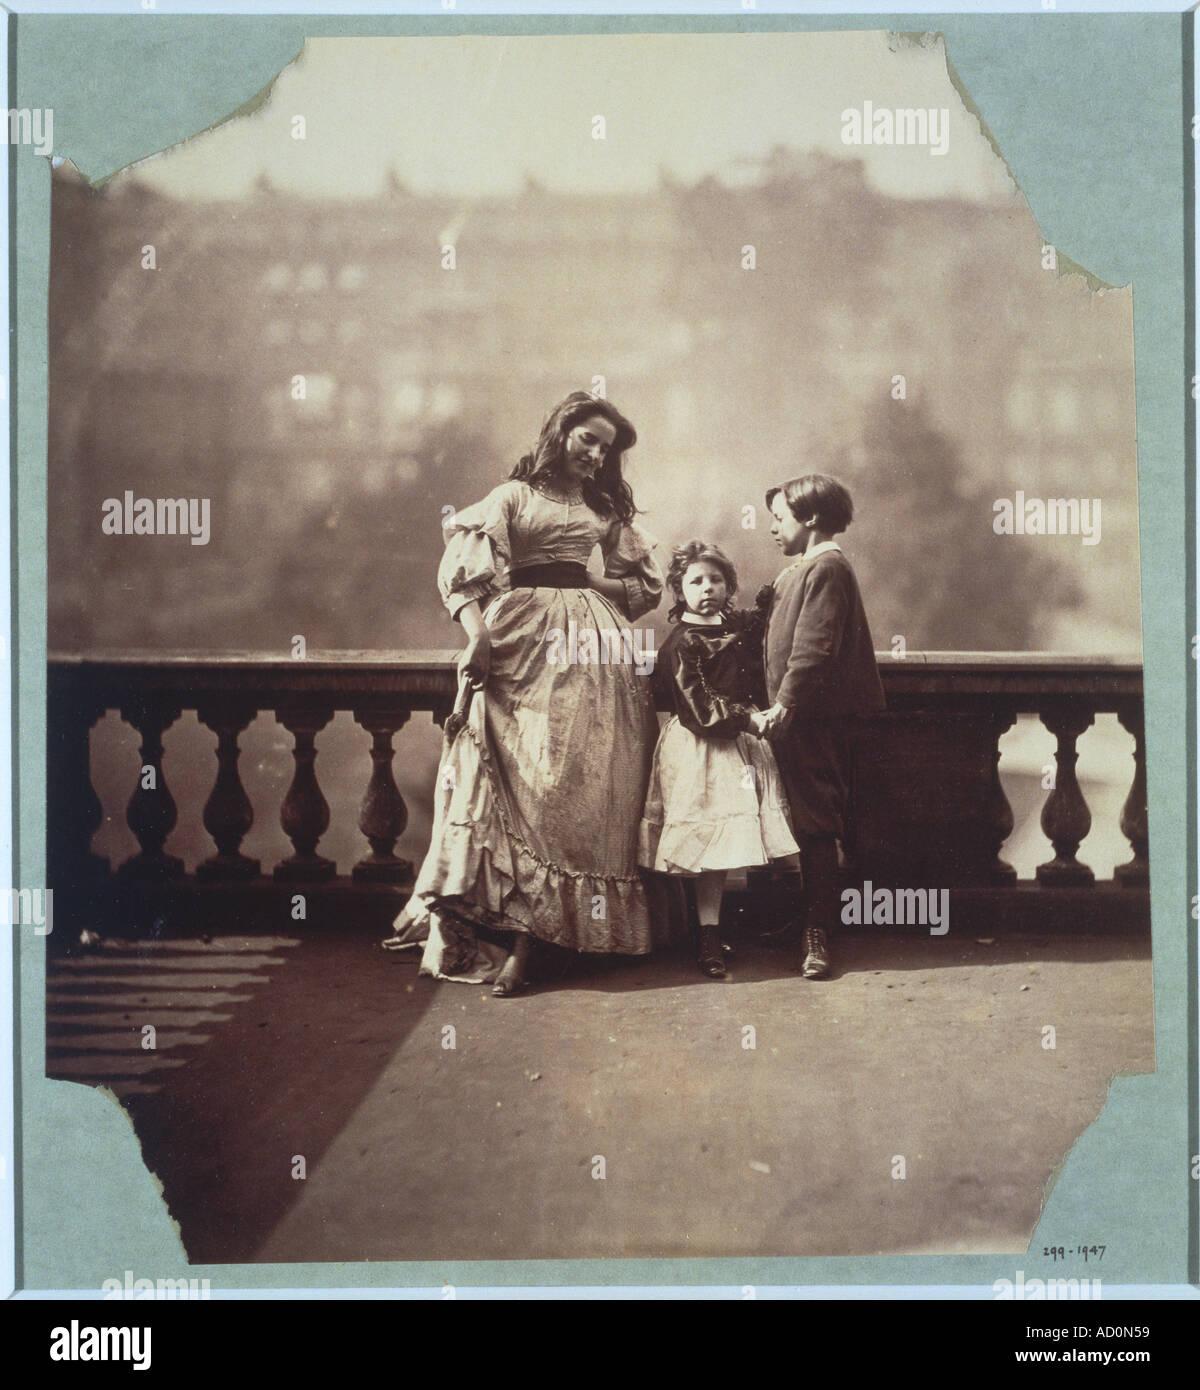 Clementina en la vestimenta de su madre enseñar pasos de baile. Foto por Lady Clementina Hawarden. Gran Bretaña, siglo XIX. Imagen De Stock